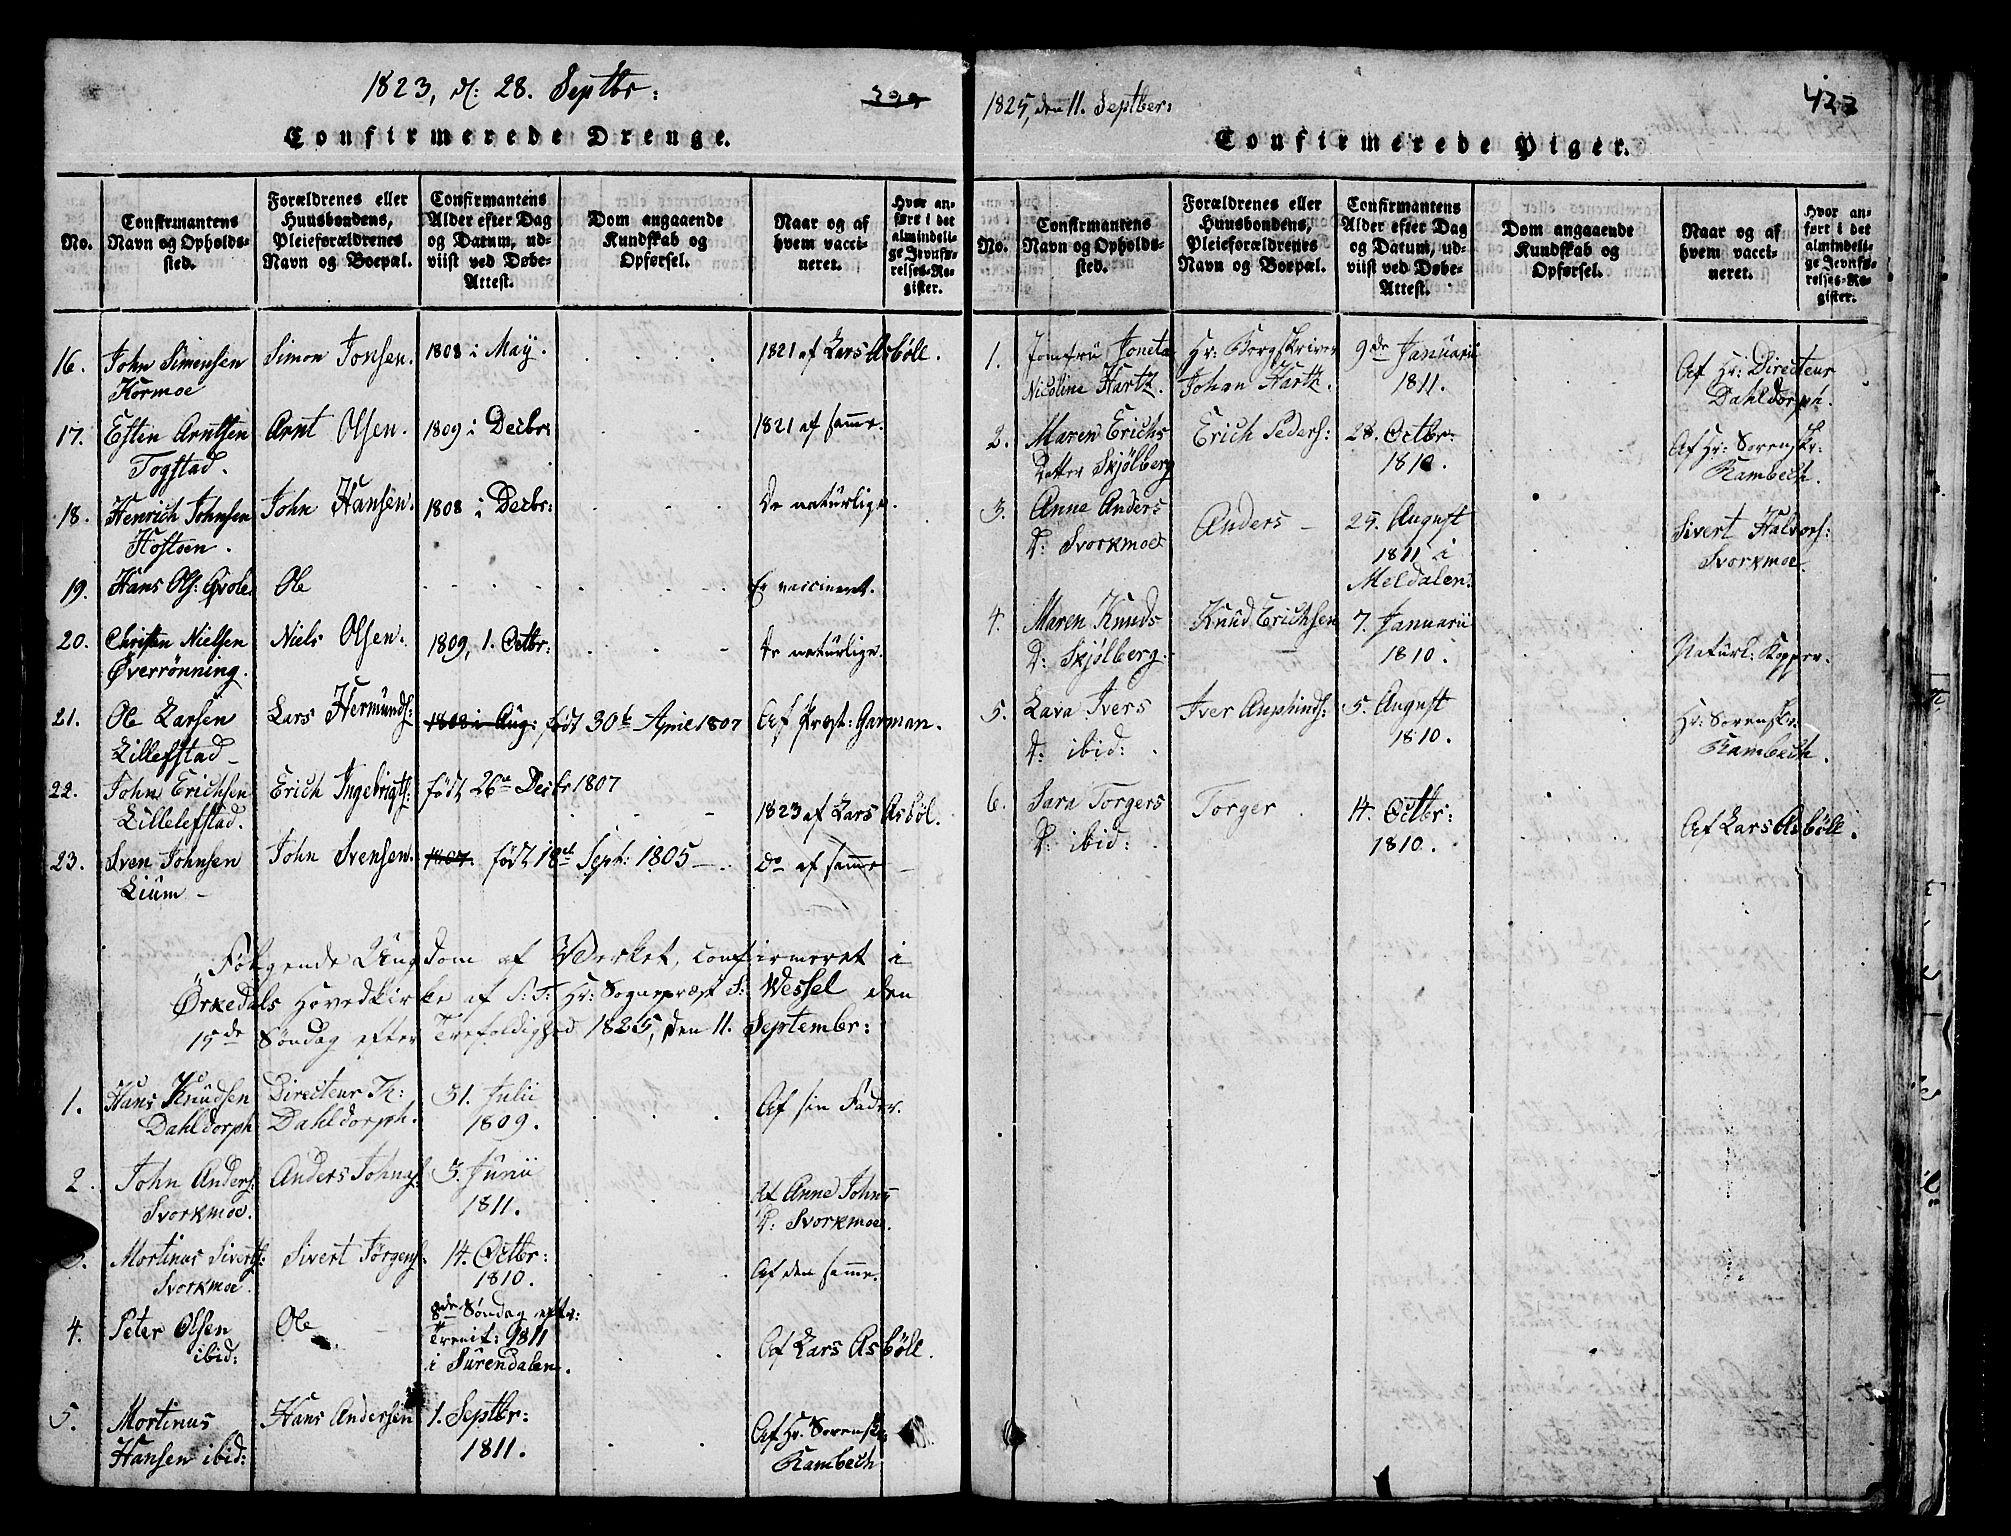 SAT, Ministerialprotokoller, klokkerbøker og fødselsregistre - Sør-Trøndelag, 671/L0842: Klokkerbok nr. 671C01, 1816-1867, s. 422-423